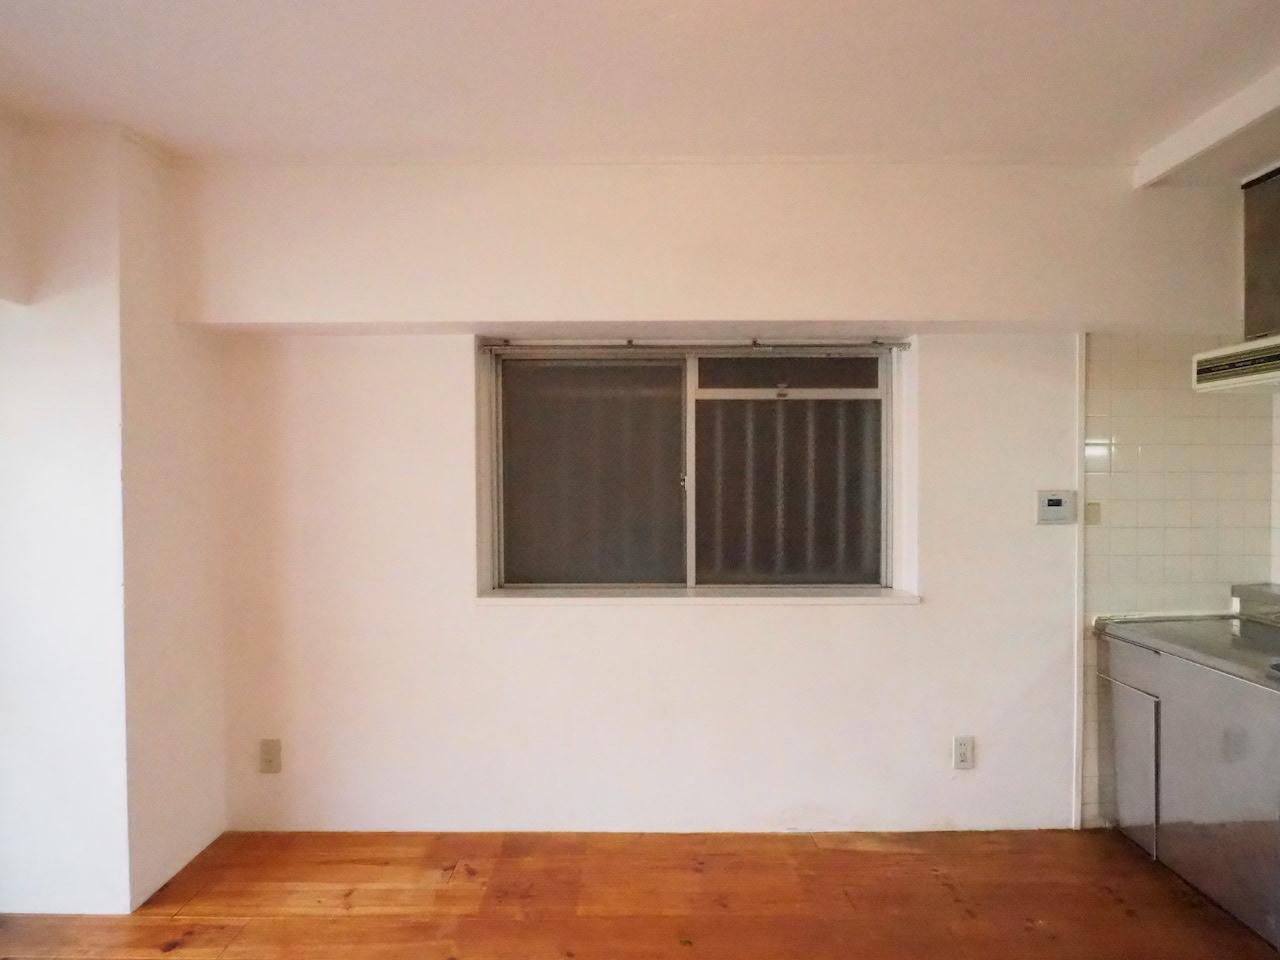 窓もありますが、お隣さんとピッタンコです。